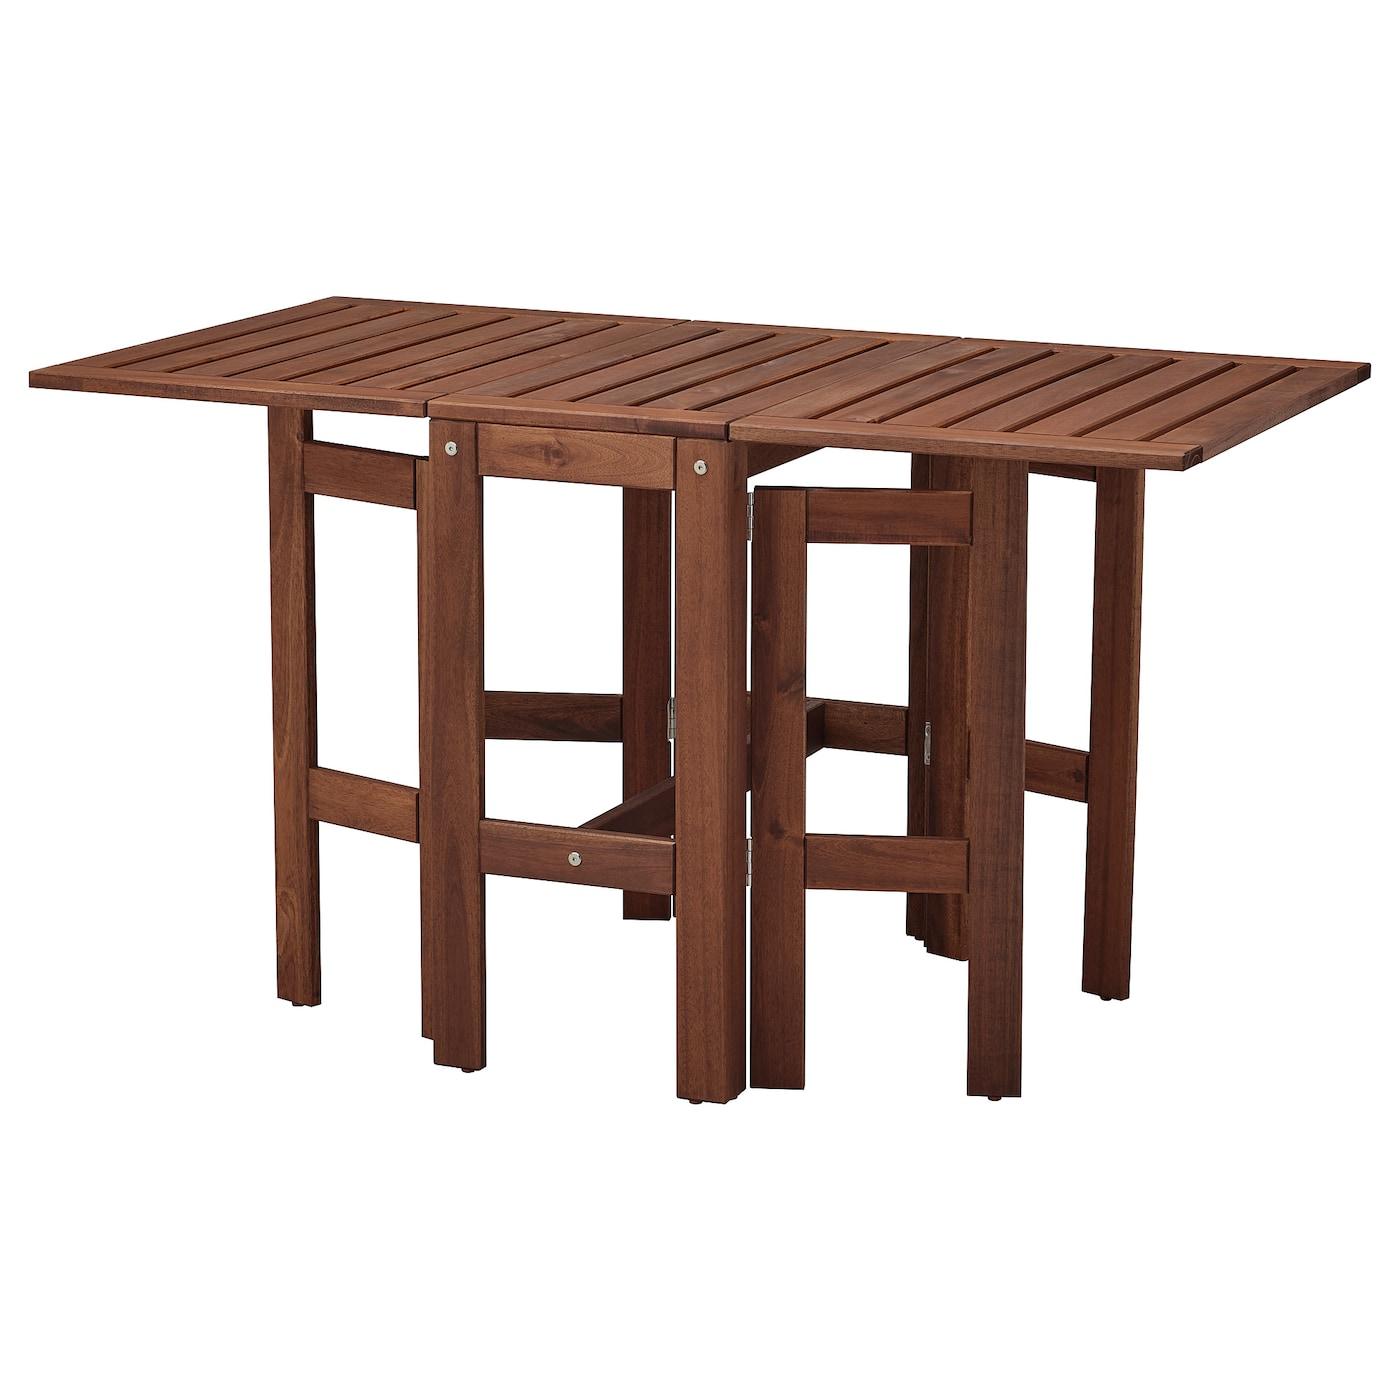 ÄPPLARÖ Table pliante, extérieur teinté brun IKEA